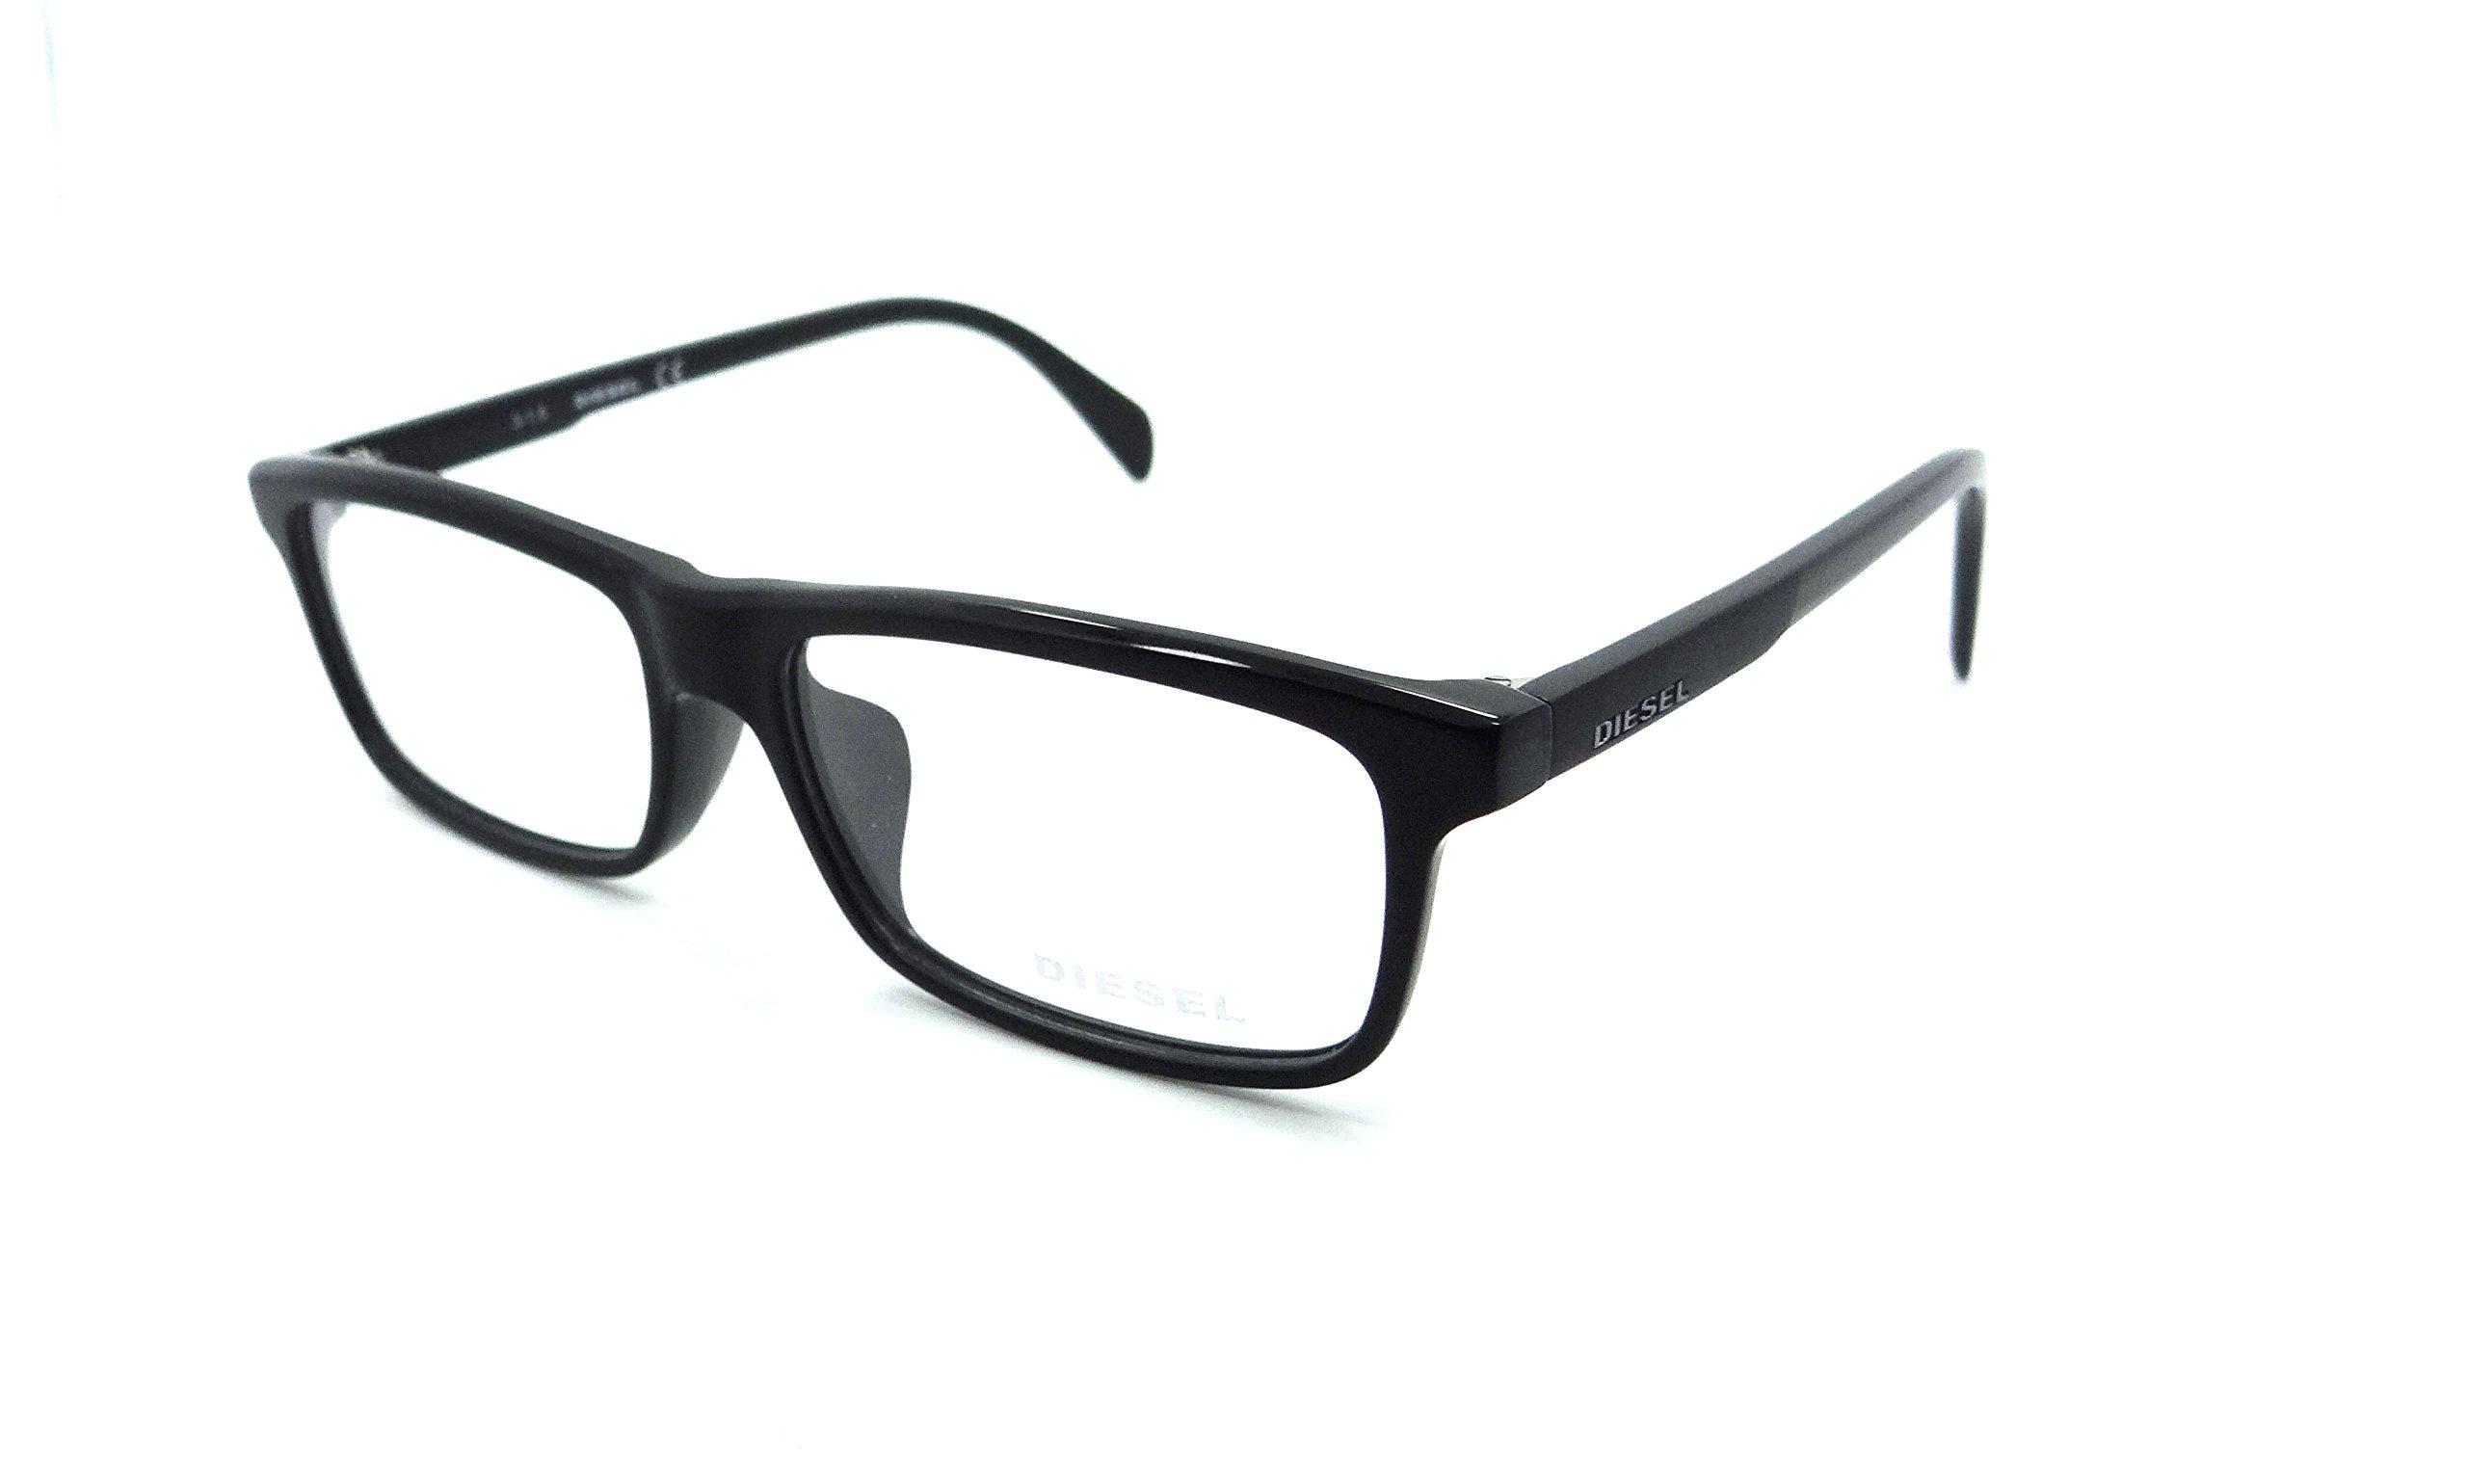 Diesel Rx Eyeglasses Frames DL5203-F 002 54-15-145 Matte Black Asian Fit